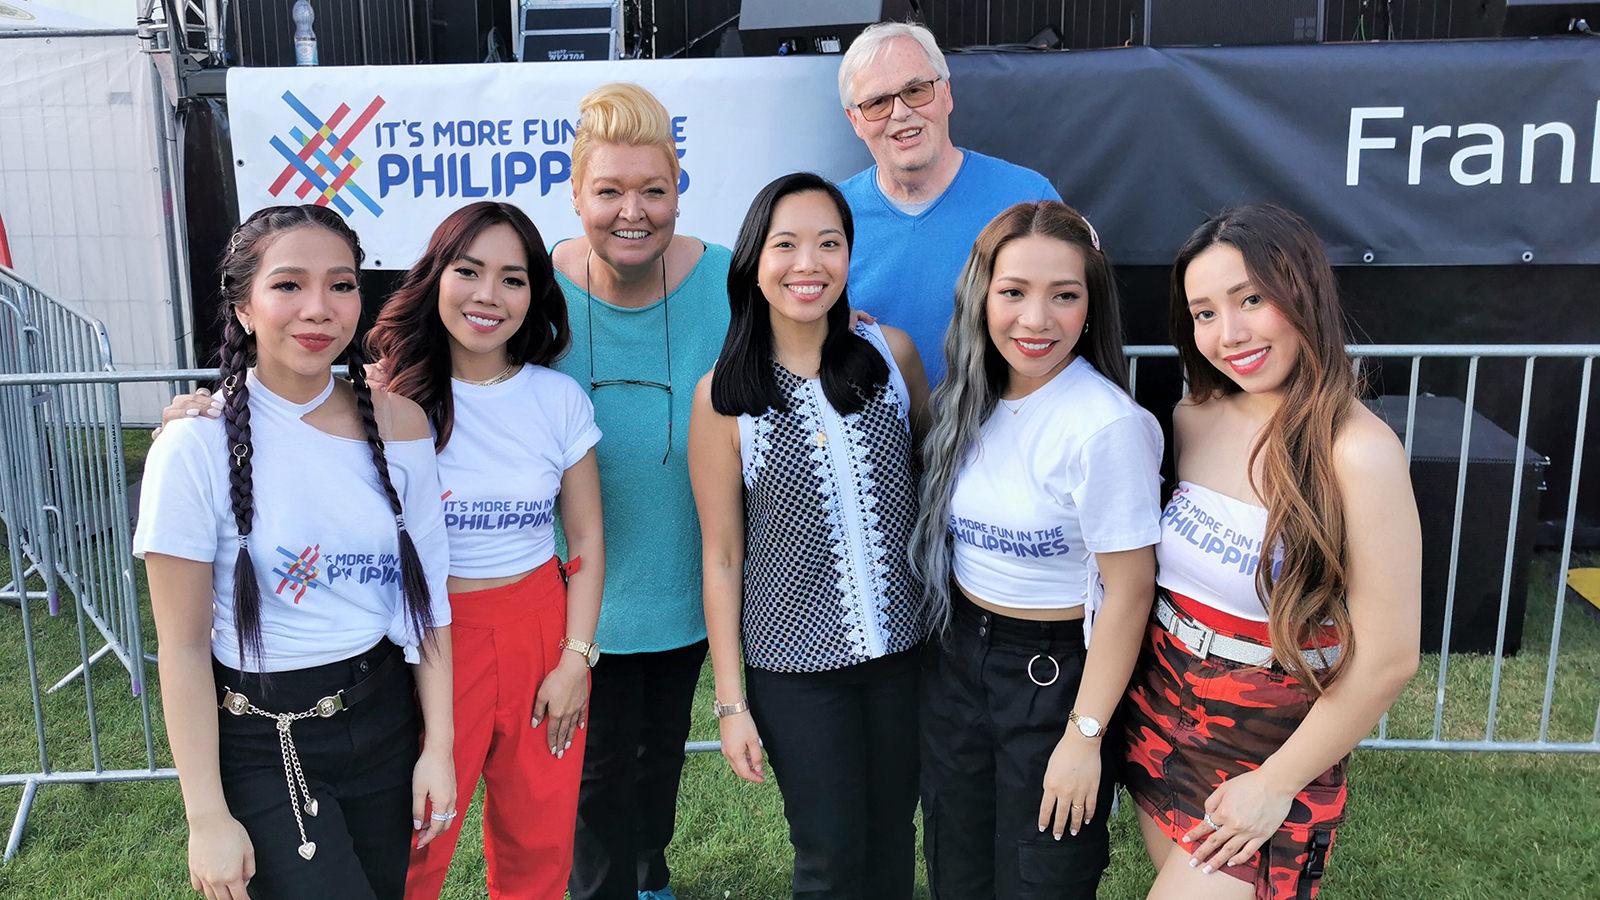 Foto: Philippine Department of Tourism